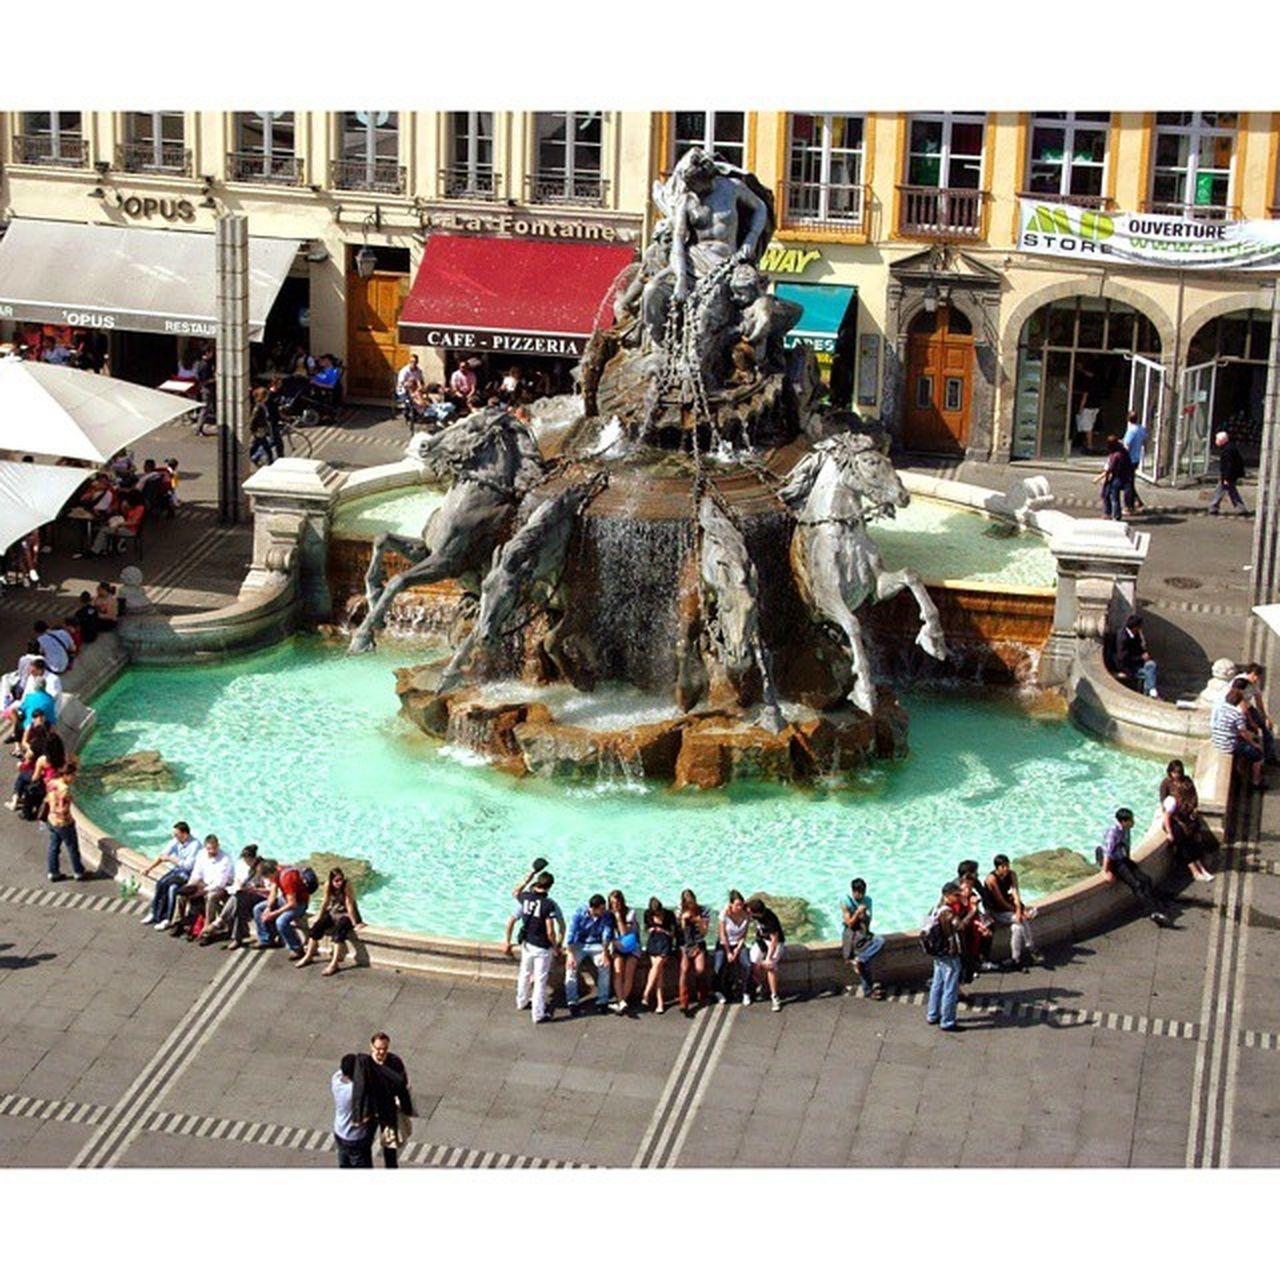 Placedesterreaux à Lyon Onlylyon avec la Fontainebartholdi profitez en vite bientôt en restauration fontaine bartholdi terreaux vu du mbalyon museedesbeauxarts awesome